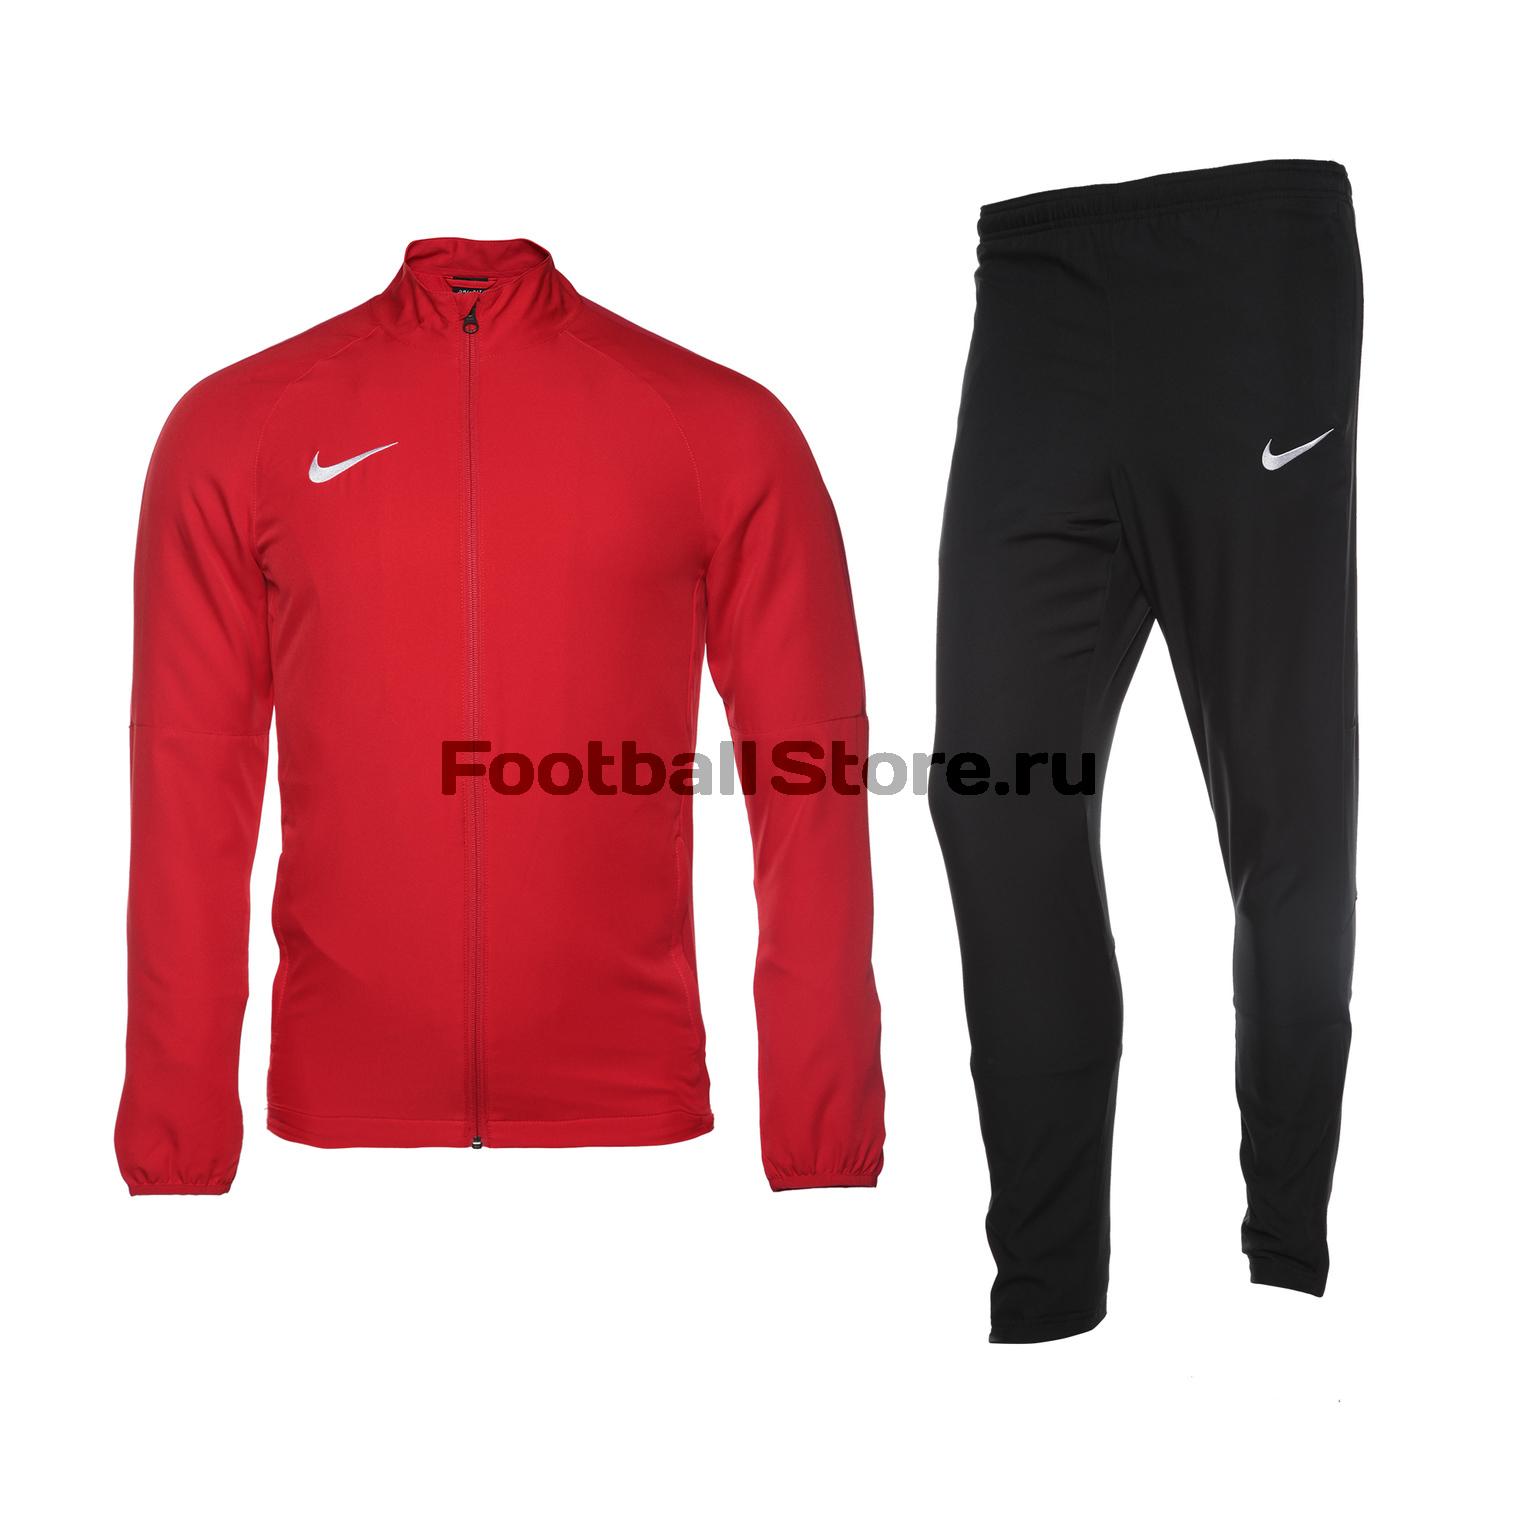 Костюм спортивный Nike Dry Academy18 TRK Suit W 893709-657 костюм спортивный nike dry academy18 trk suit w 893709 361